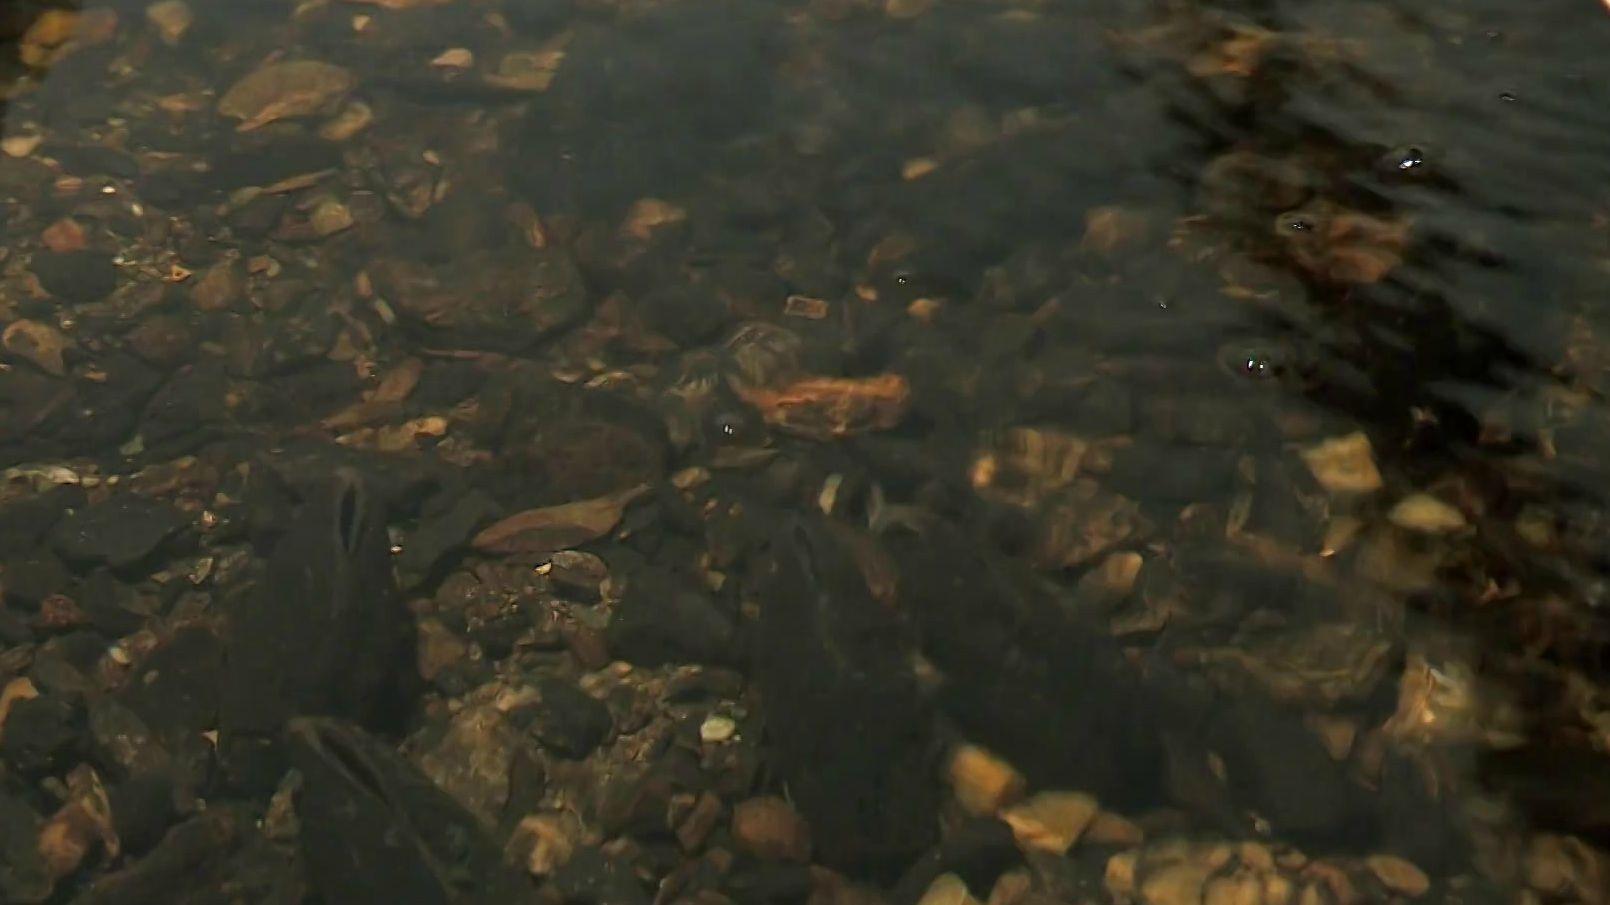 Die vom Aussterben bedrohten Flussperlmuscheln in einem Gewässer.